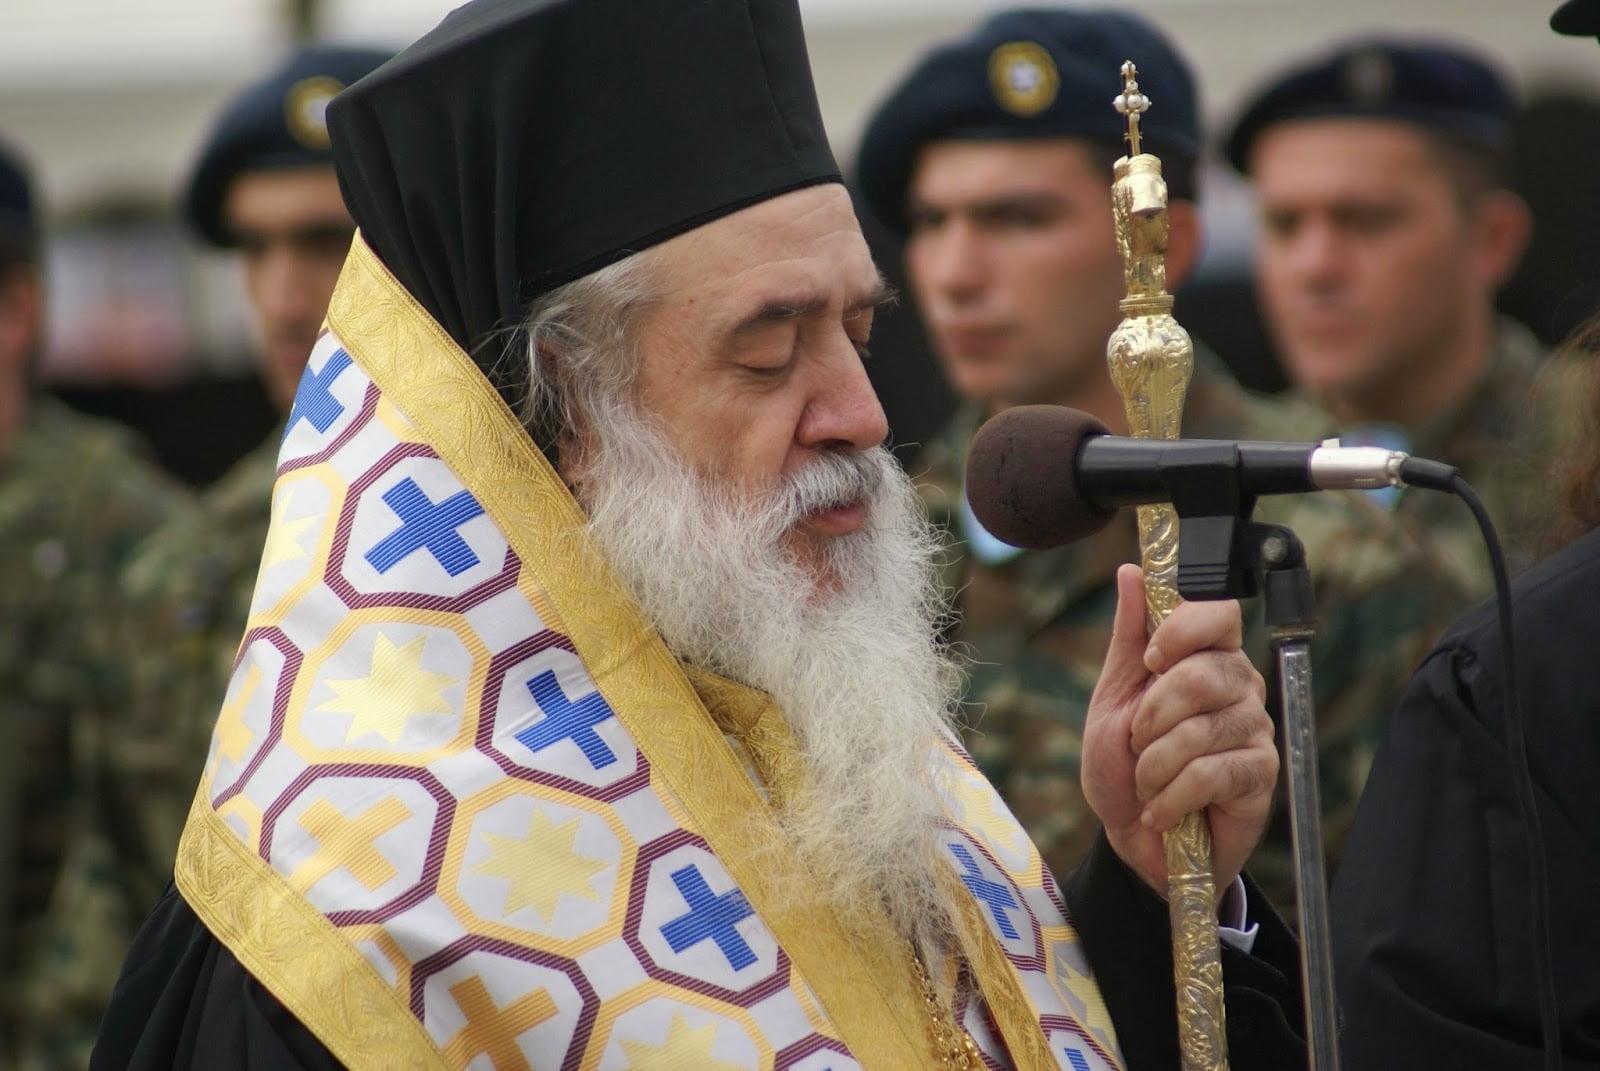 Μητροπολίτης Ευσέβιος: «Έχει αρχίσει η άρση των μέτρων και πλέον θα μπορούν οι πιστοί να παρακολουθούν τη Θεία Λειτουργία, από την Κυριακή  17 Μαϊου